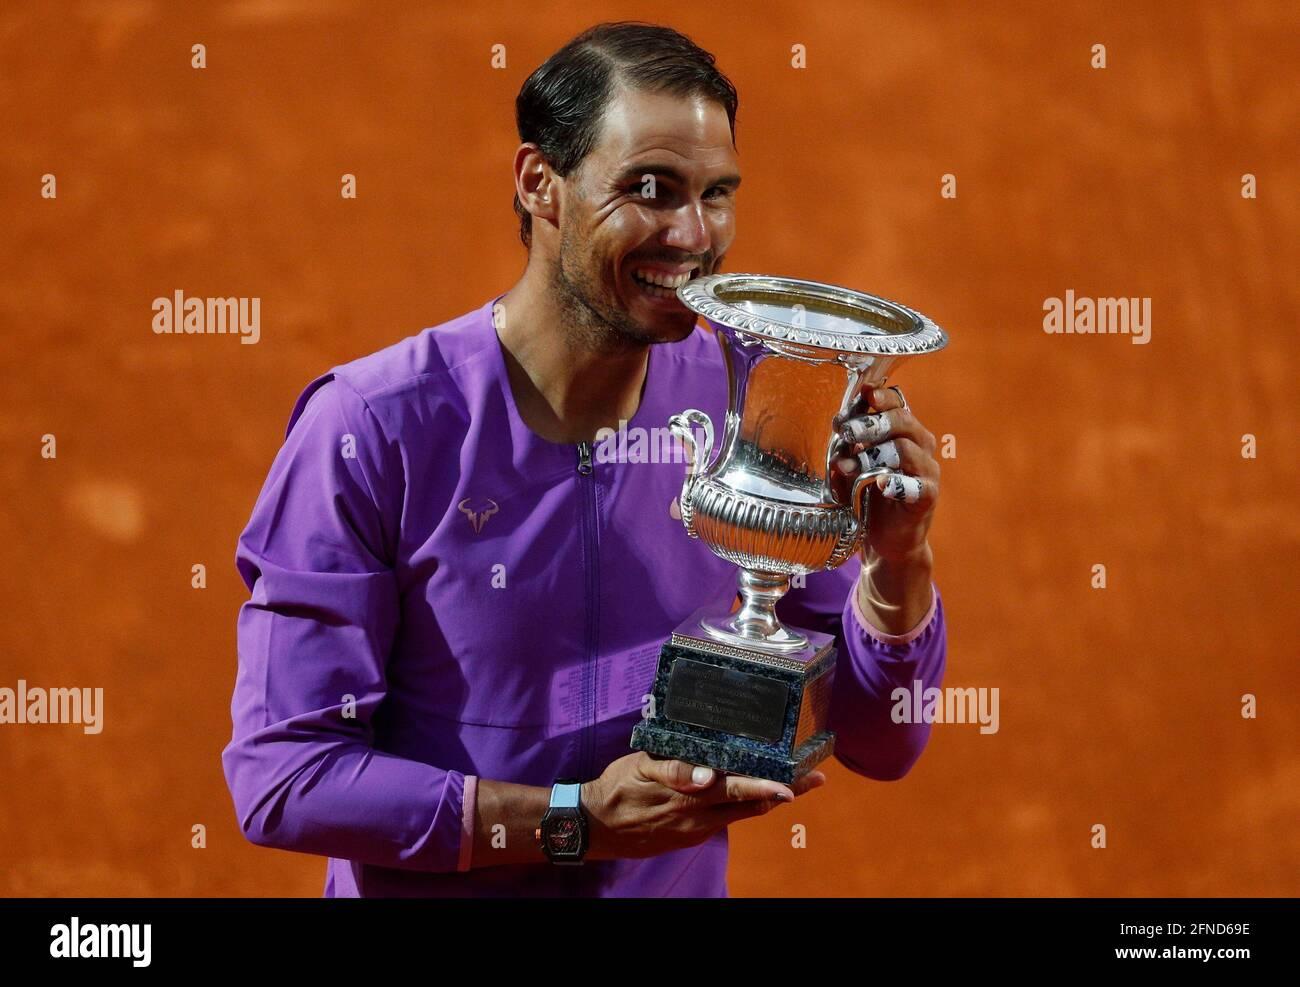 Tennis - ATP Masters 1000 - Italian Open - Foro Italico, Roma, Italia - 16 maggio 2021 il spagnolo Rafael Nadal festeggia con il trofeo dopo aver vinto la sua partita finale contro il serbo Novak Djokovic REUTERS/Guglielmo Mangiapane Foto Stock